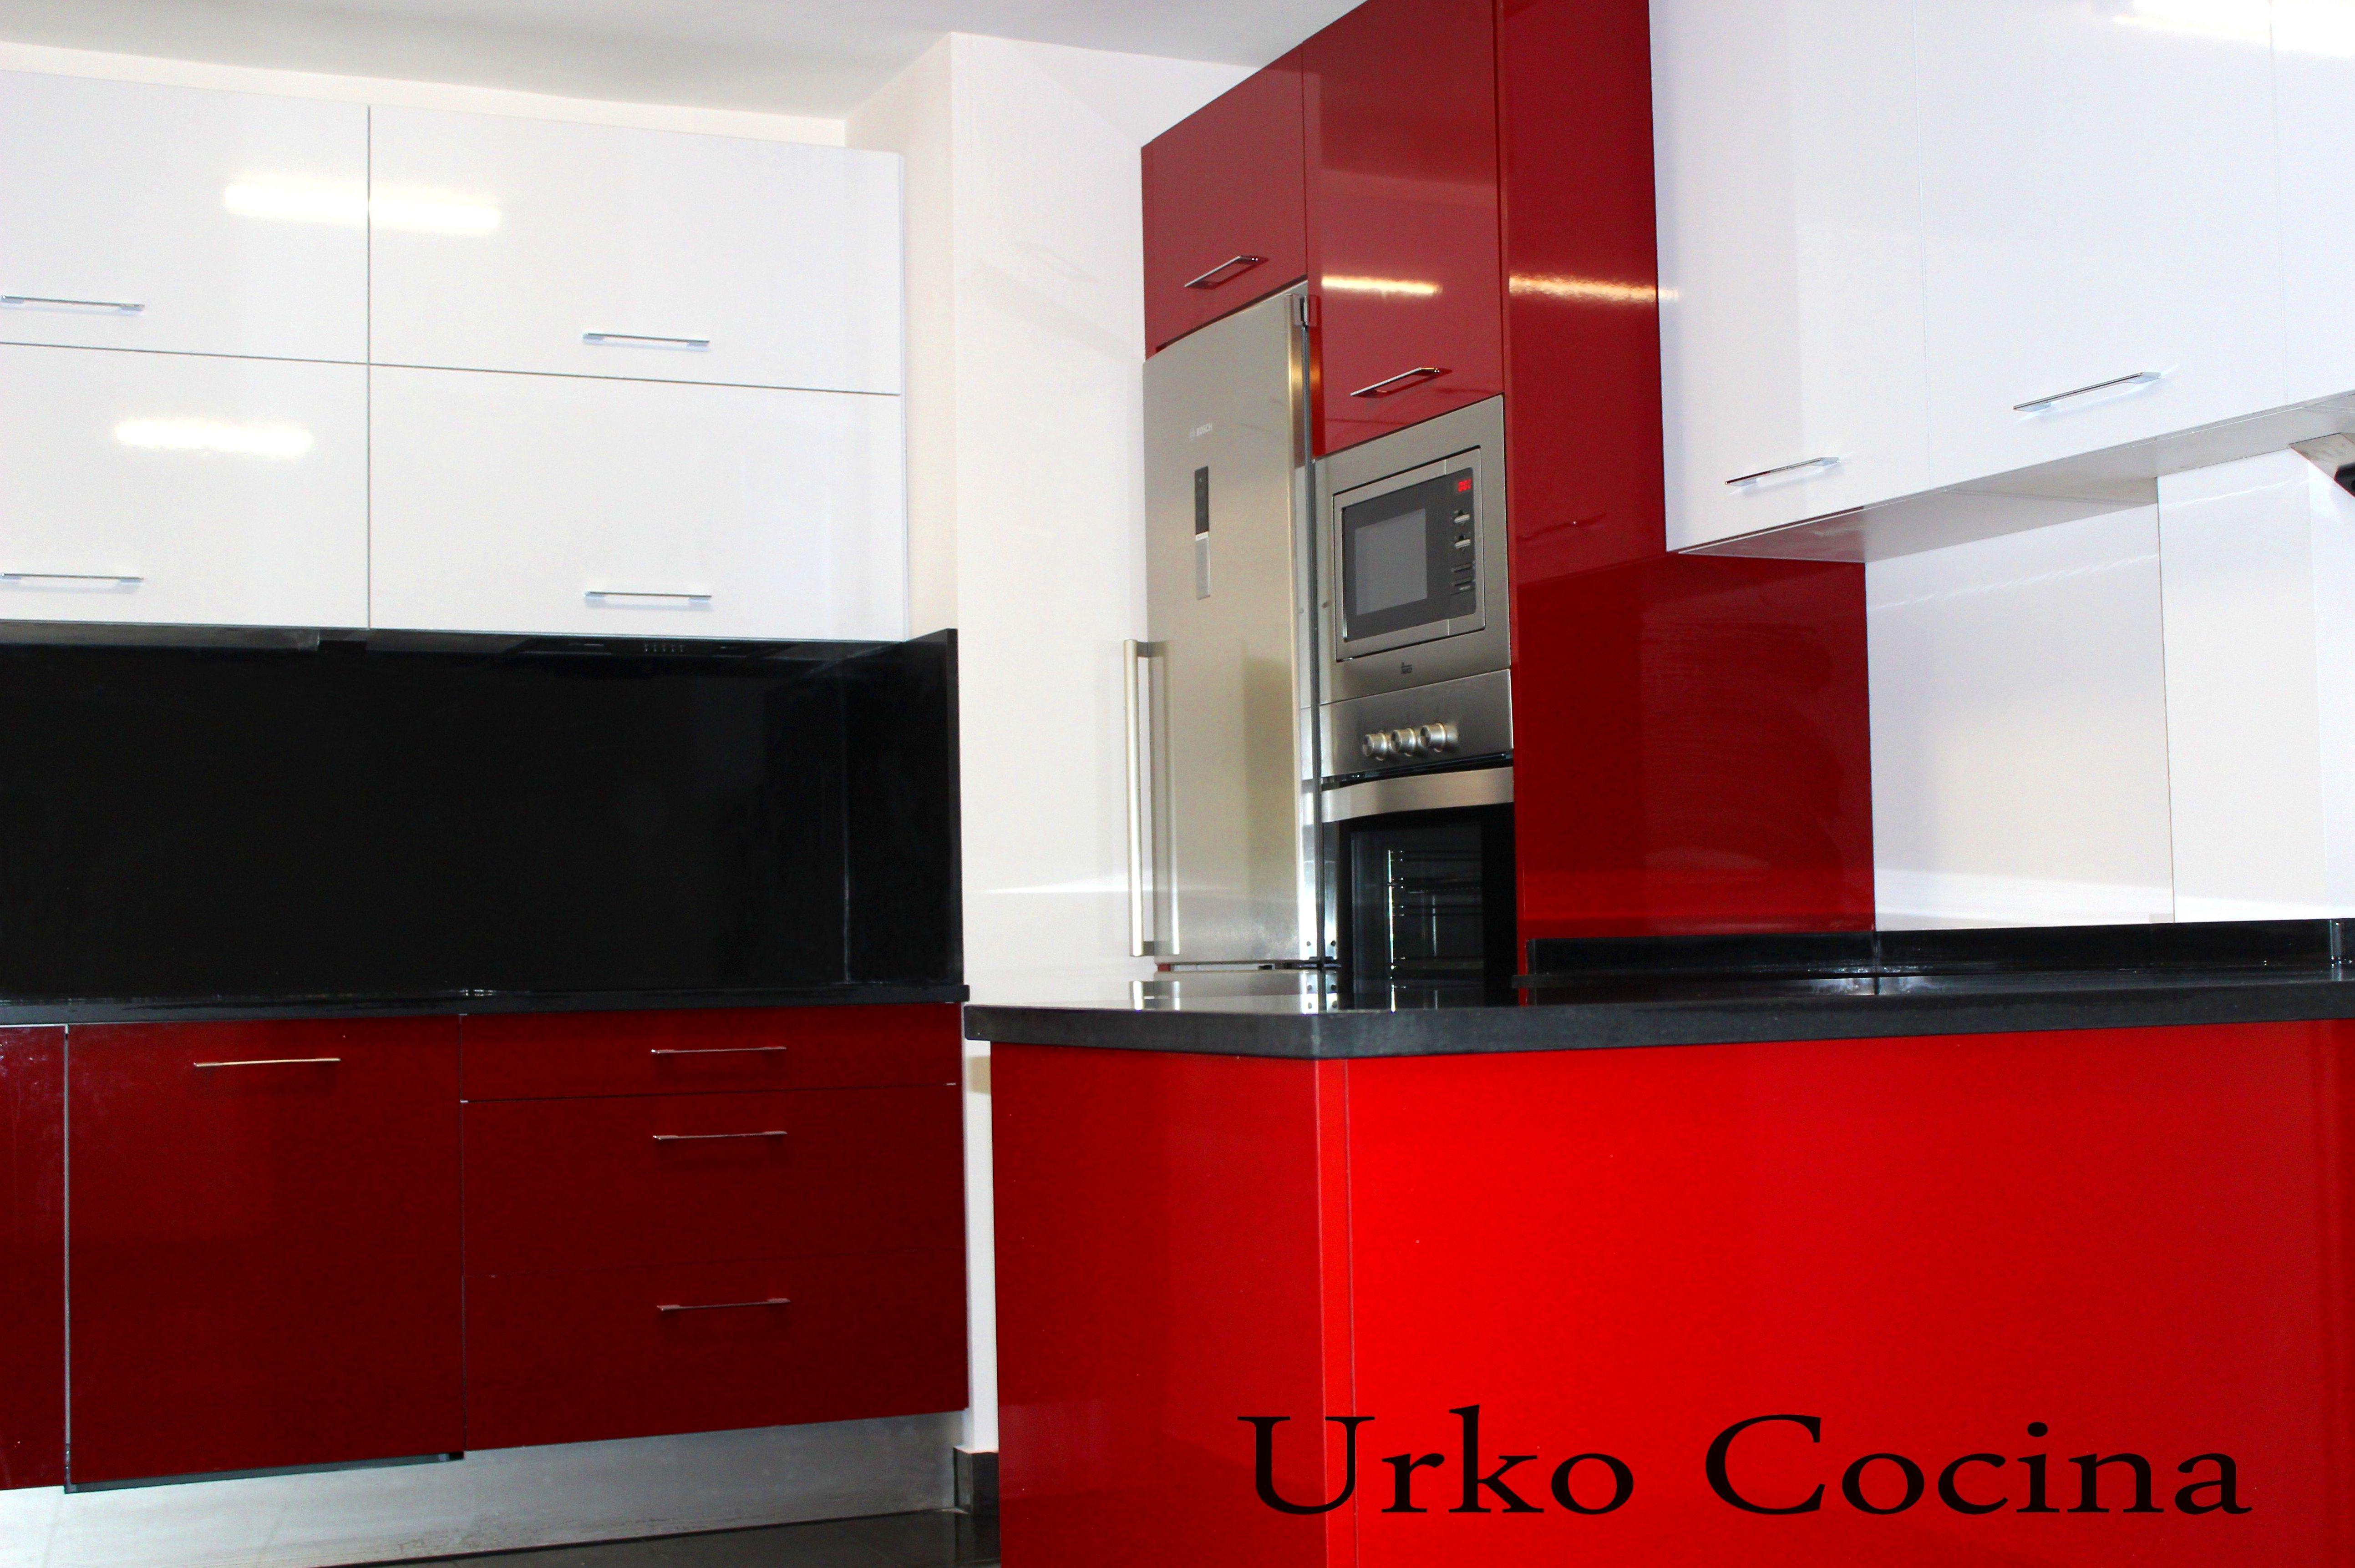 Muebles de cocina baratos en bilbao de la mejor calidad gracias a urko cocina - Muebles de cocina bilbao ...